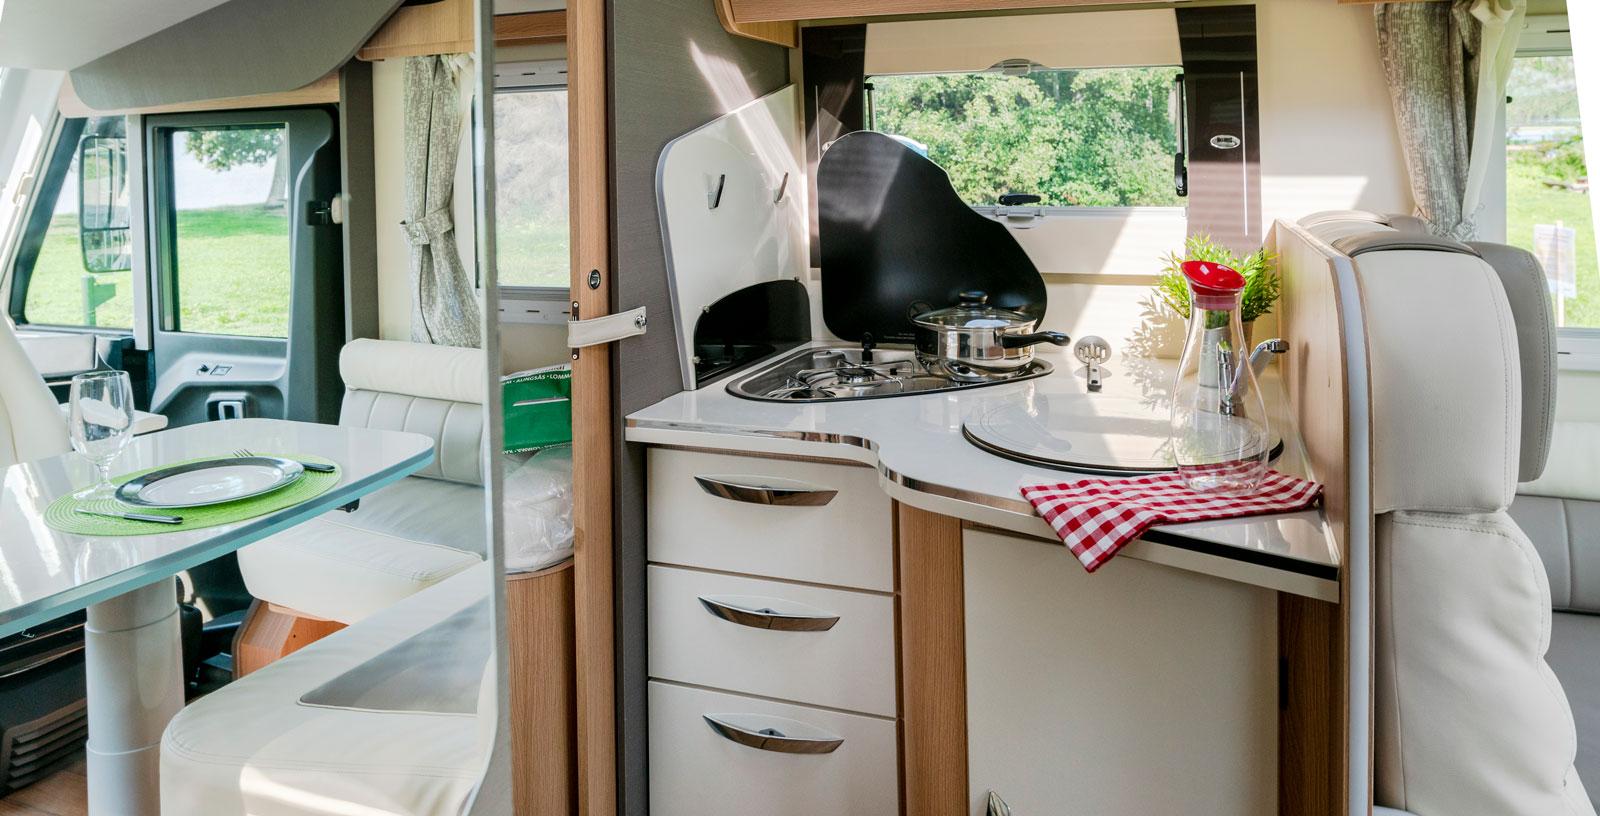 Hörnköket har trelågig spis med glaslock. Diskhon har löstagbart lock. Under hörnet finns gasolutrymmet nåbart utifrån.